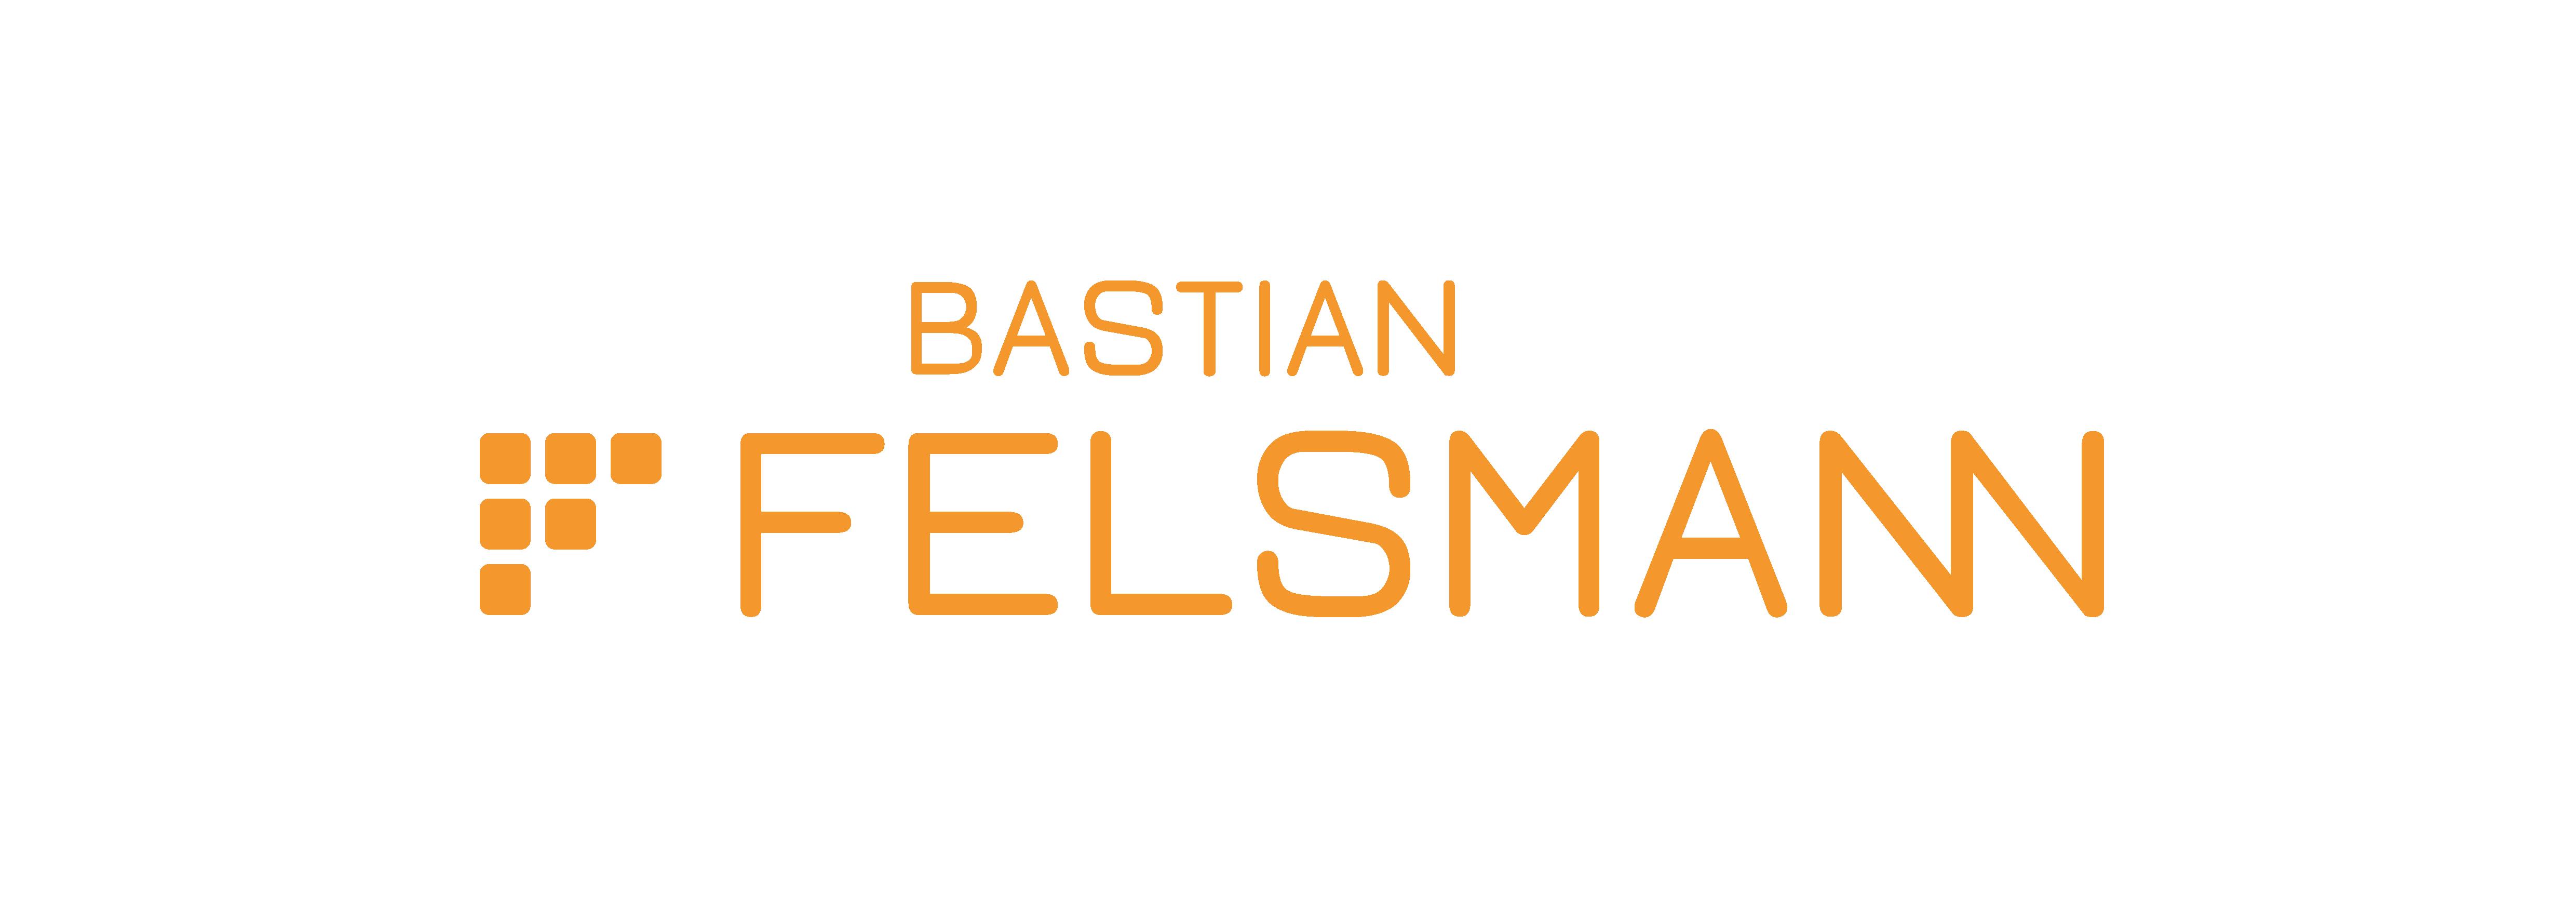 Bastian Felsmann Felsmalerei